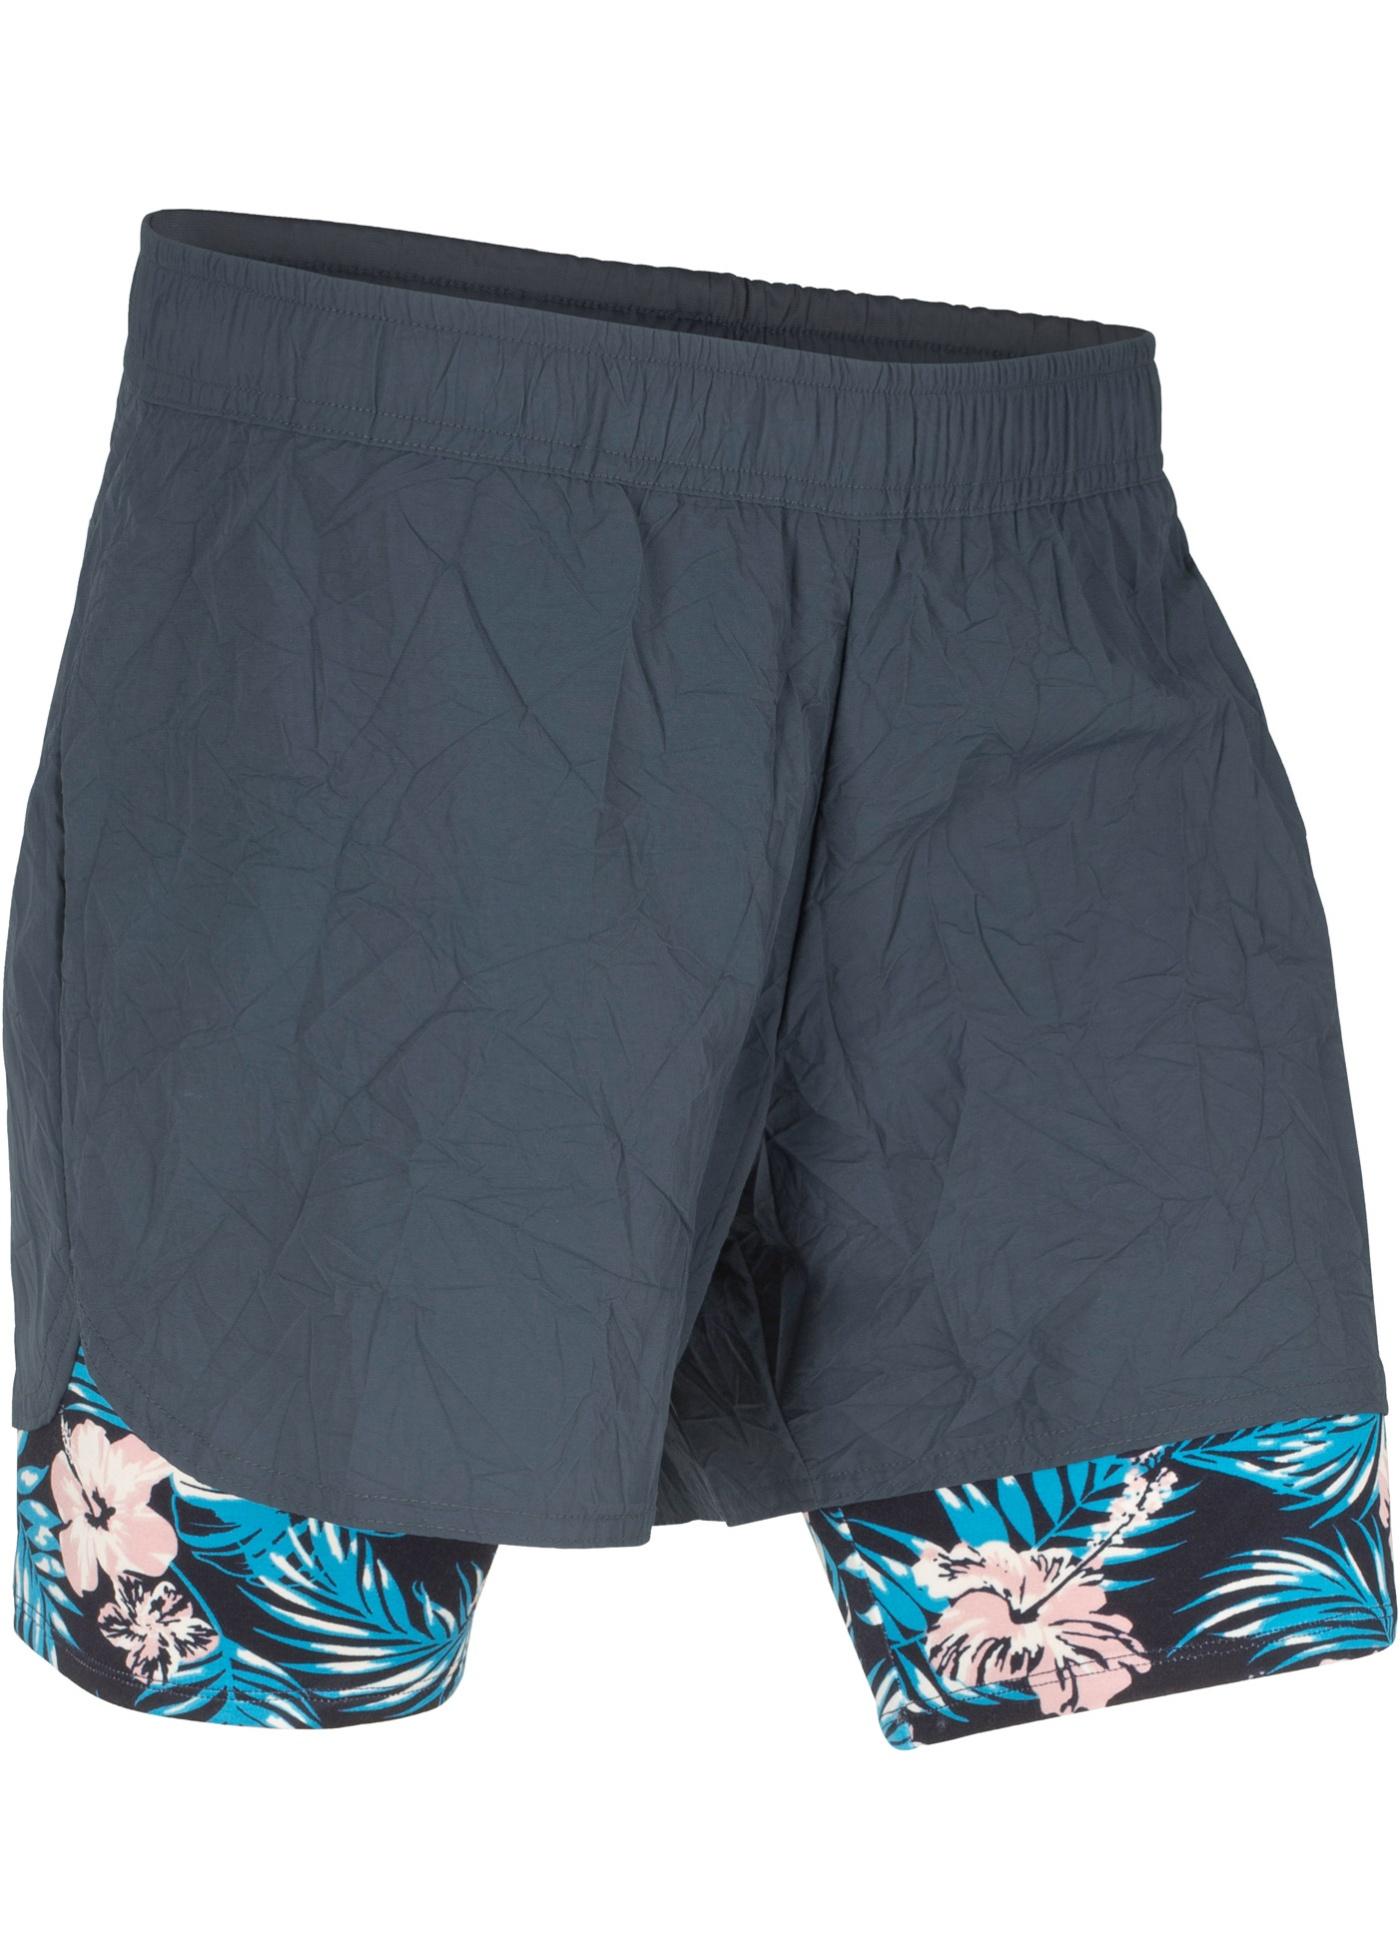 Bilde av 2-i-1-funksjona trenings-shorts